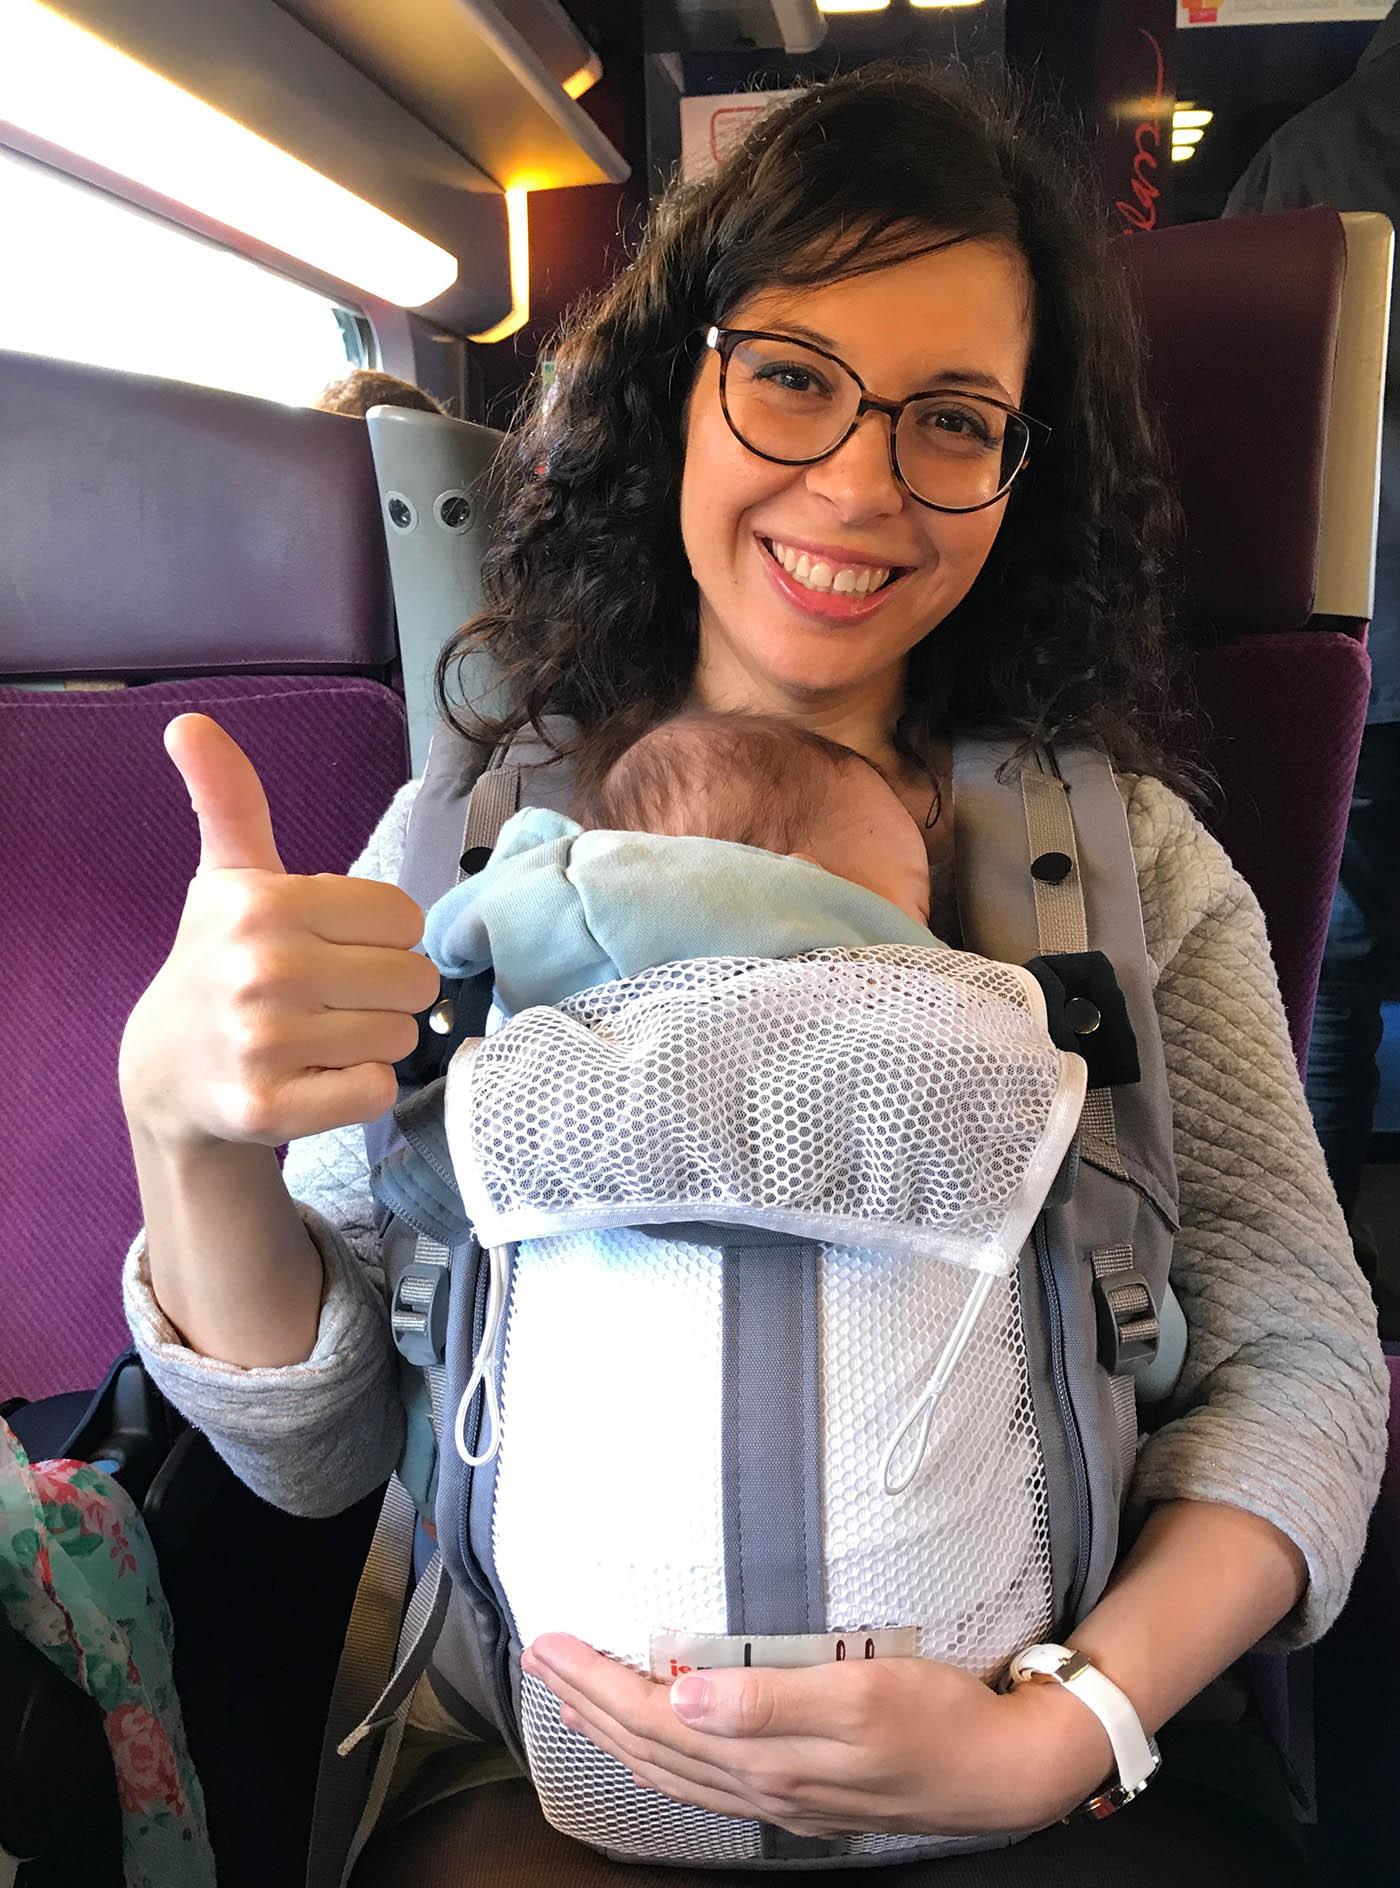 peut on voyager avec un bebe